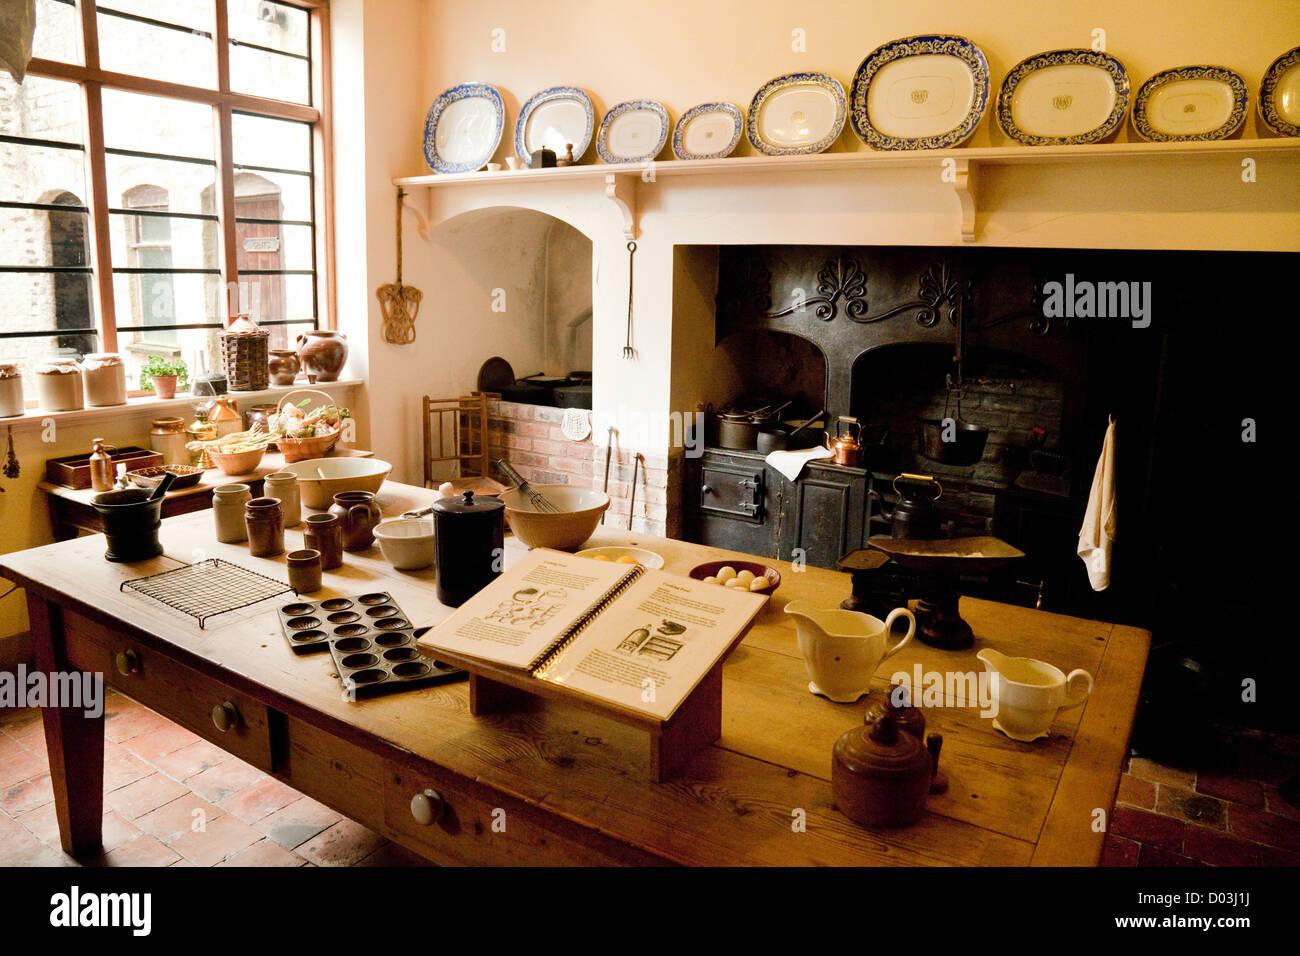 Georgianisches Haus Interieur, Küche, Rosehill House, Darby Häuser ...